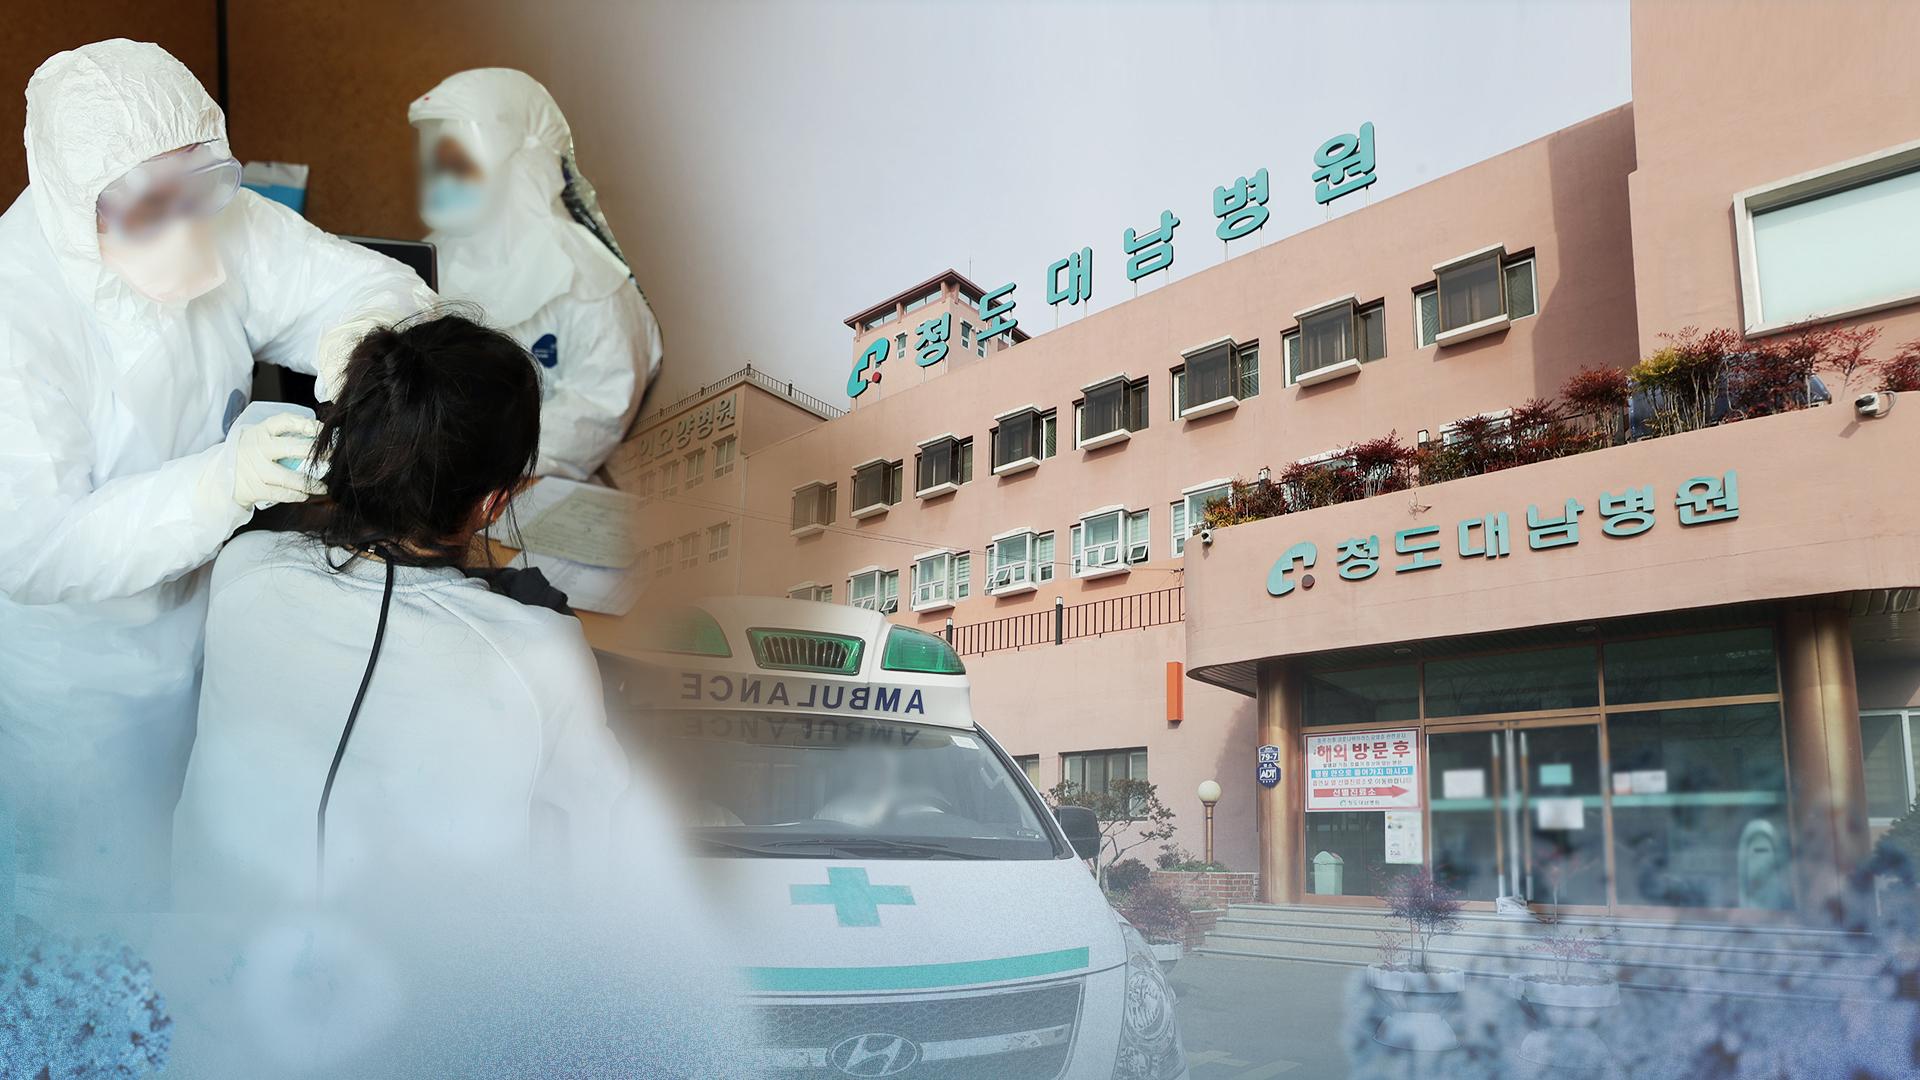 청도 대남병원 근무했던 중국인 간병인이 두 차례 검사서 음성 판정을 받았지만, 최근 검사에서 양성 판정을 받았다. 연합뉴스